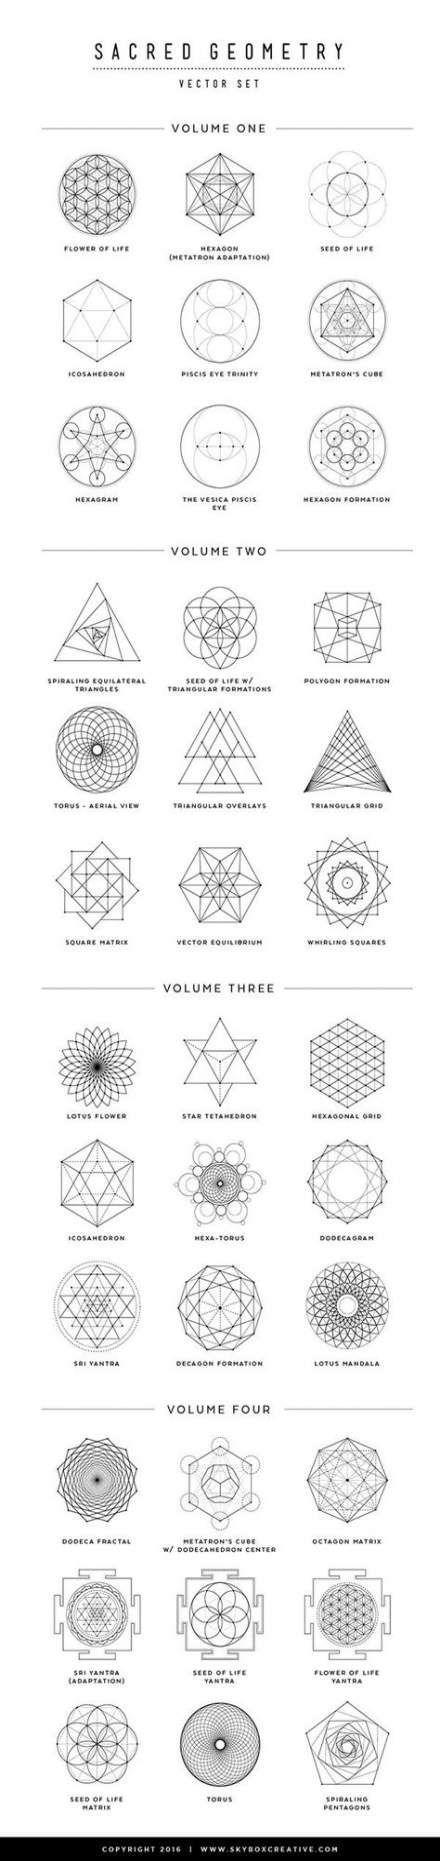 , Geometric Tattoo Meaning Symbols Life 41 Trendy Ideas, My Tattoo Blog 2020, My Tattoo Blog 2020